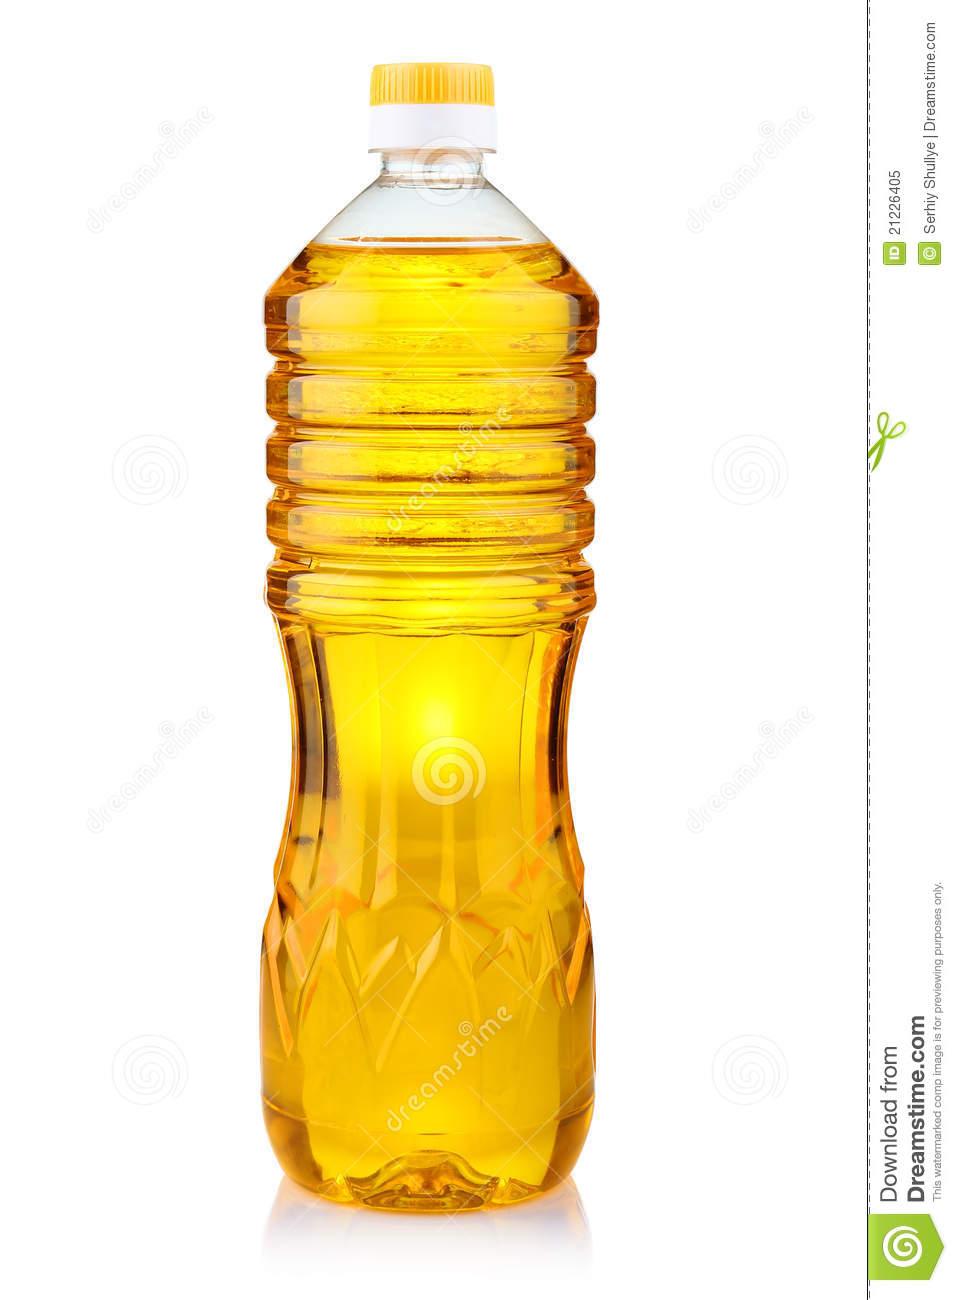 <p>Нужен вагон подсолнечного масла на условиях СРТ ст. Чукурсай Узбекистан, в 1 литровых и 5 ти литровых бутылках рифинированое и нерафинированное. Прошу сообщить цену на названных условиях в долларах США, сроки отгрузки, норму загрузки для 1л и 5 л бутылок отдельно и при комбинированной загрузке 50/50. Прошу выслать сертификат.</p>